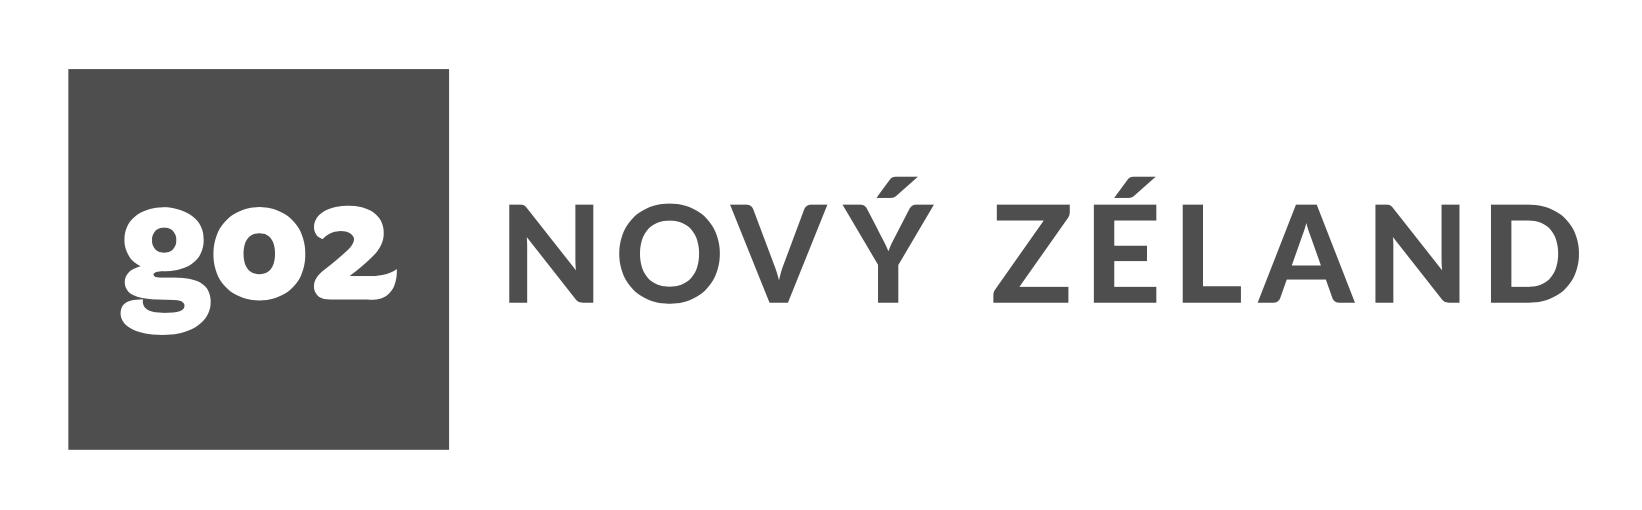 www.aotearoa.cz